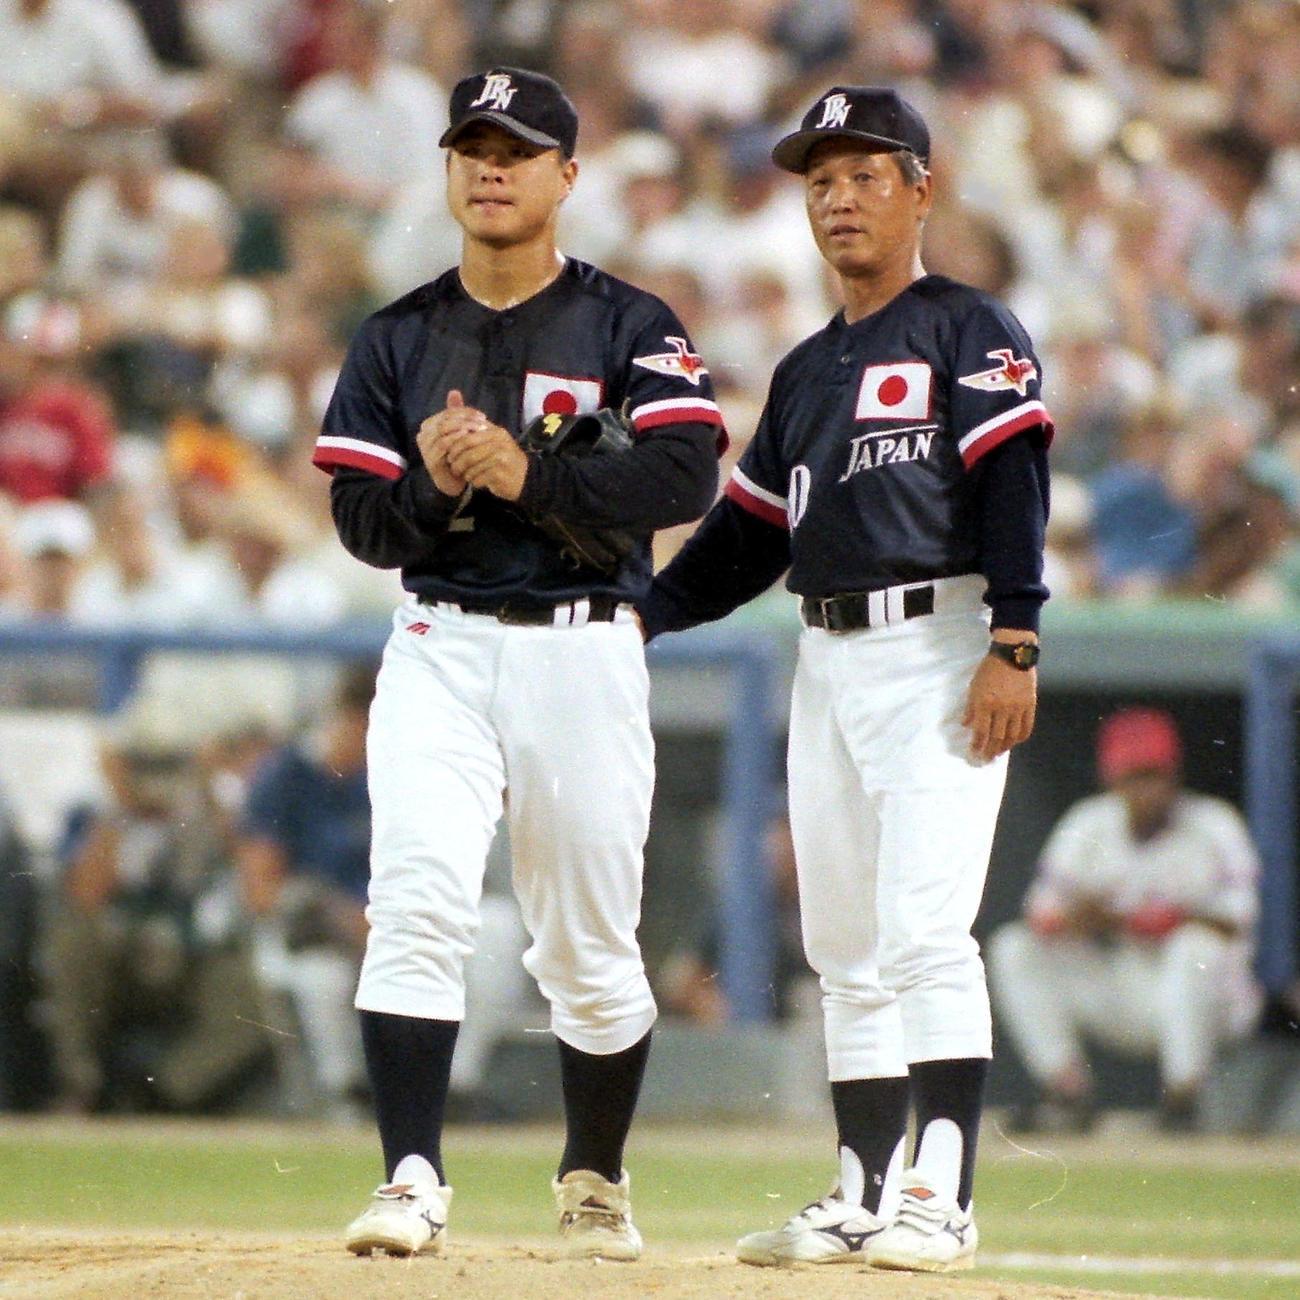 アトランタ五輪決勝のキューバ戦で、投手森中(左)交代を告げる川島監督(1996年8月2日撮影)